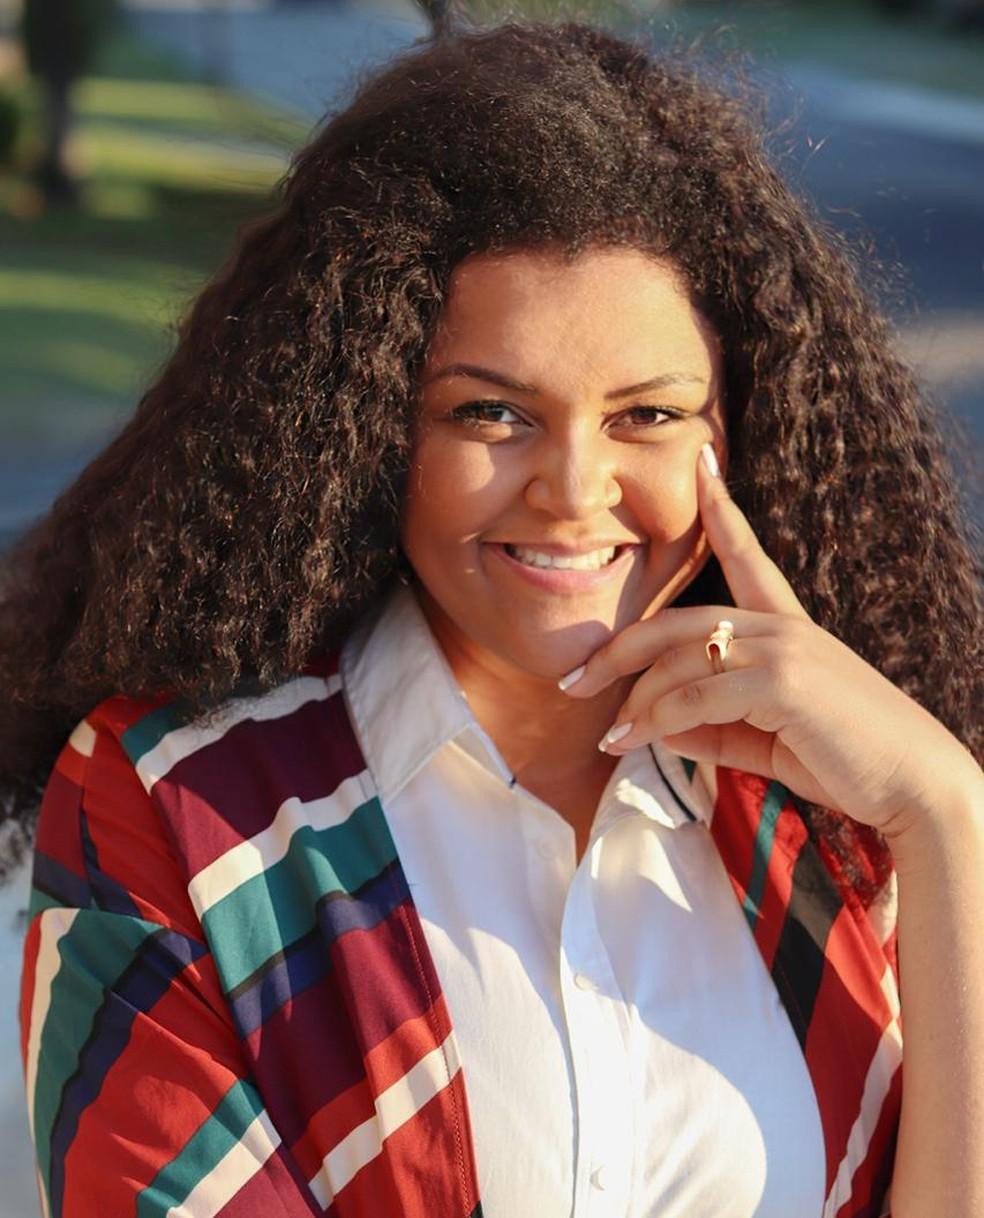 Paula Oliveira, de Sorocaba (SP), criou o grupo EmPretos para facilitar a entrada dos negros no mercado de trabalho — Foto: Arquivo pessoal